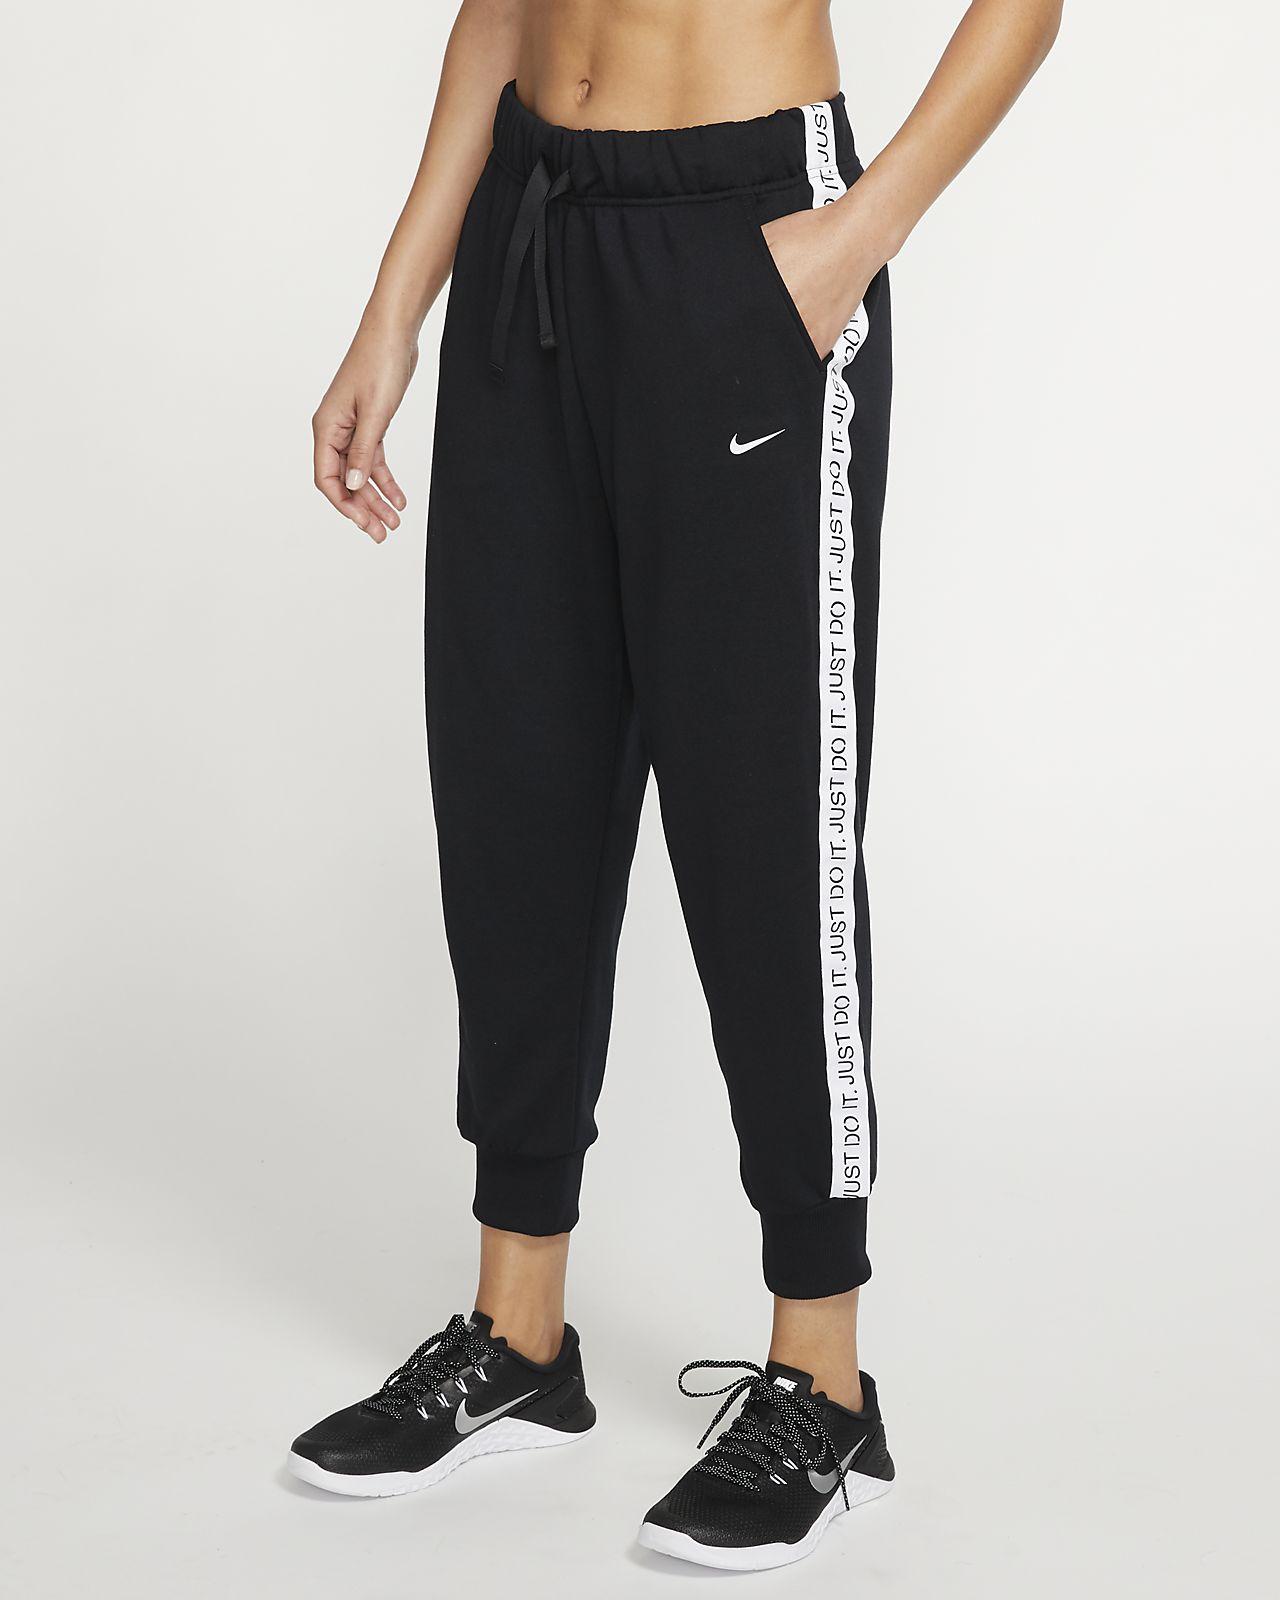 Γυναικείο φλις παντελόνι προπόνησης 7/8 Nike Dri-FIT Get Fit